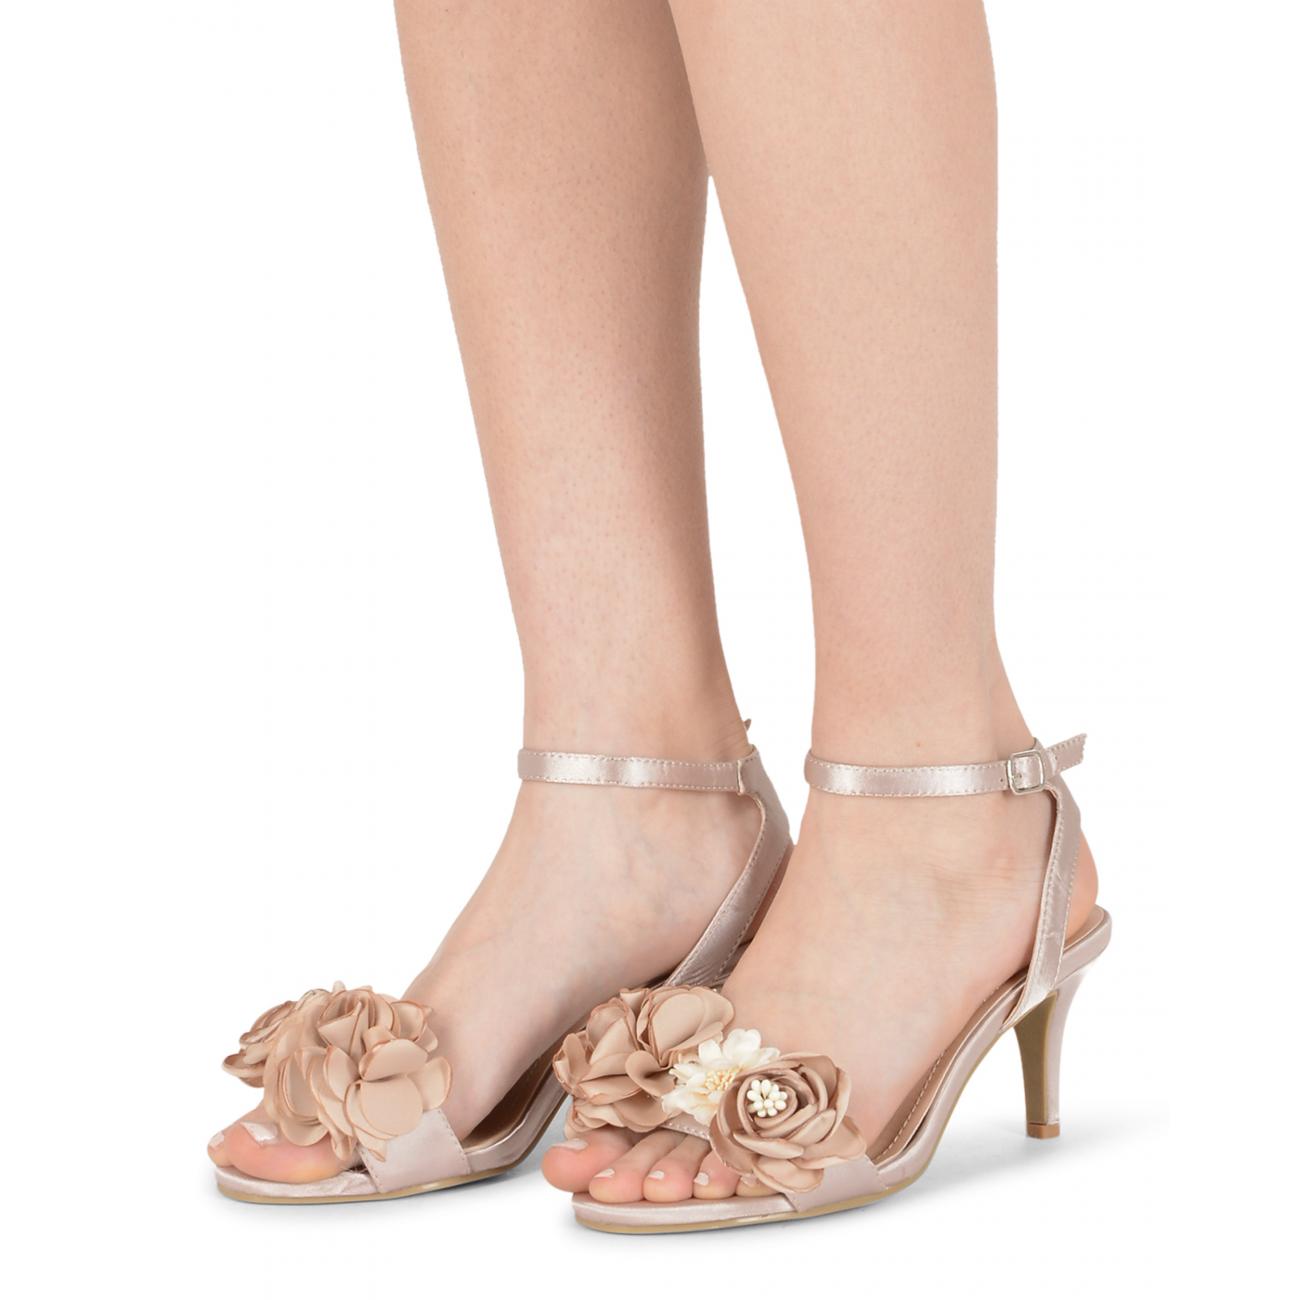 19V69 Italia Women's Ankle Strap Sandal Beige V609 BEIGE